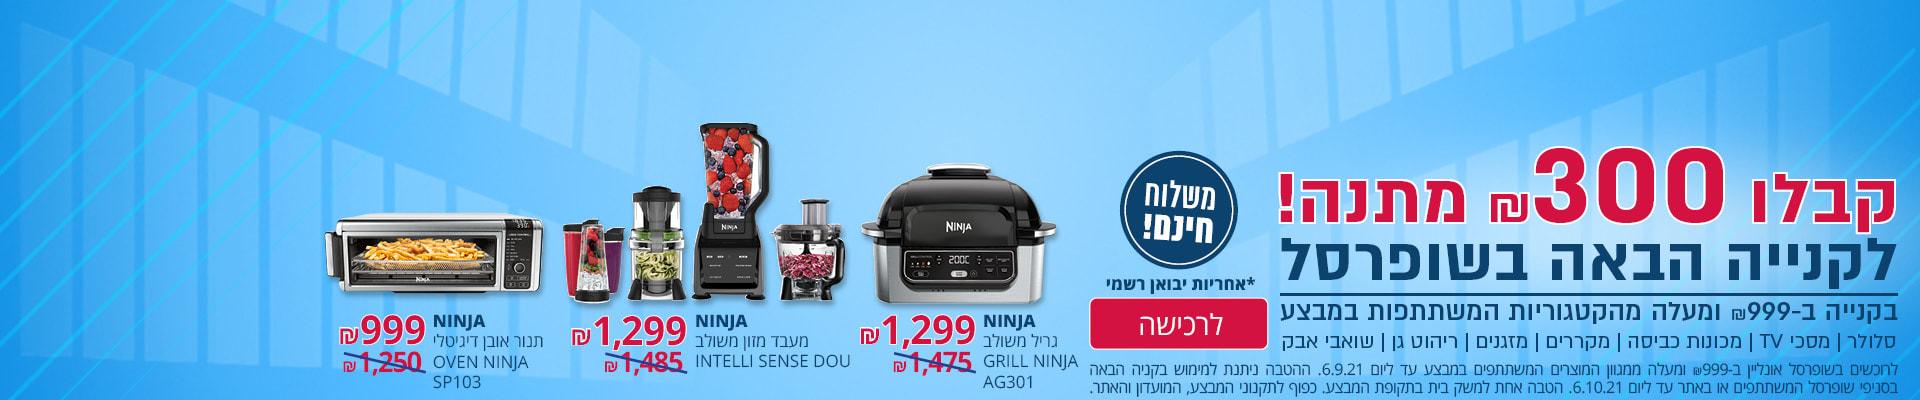 גם מוצרי NINJA? כן! לקנות מכל העולמות NINJA בלנדר מבשל חם/קר HOT&COLD 699₪ נינג'ה גריל חשמלי 1099 ₪NINJA נינג'ה מעבד מזון מקצועי  549₪ משלוח חינם  יבוא רישמי בתוקף עד 1.8.2021